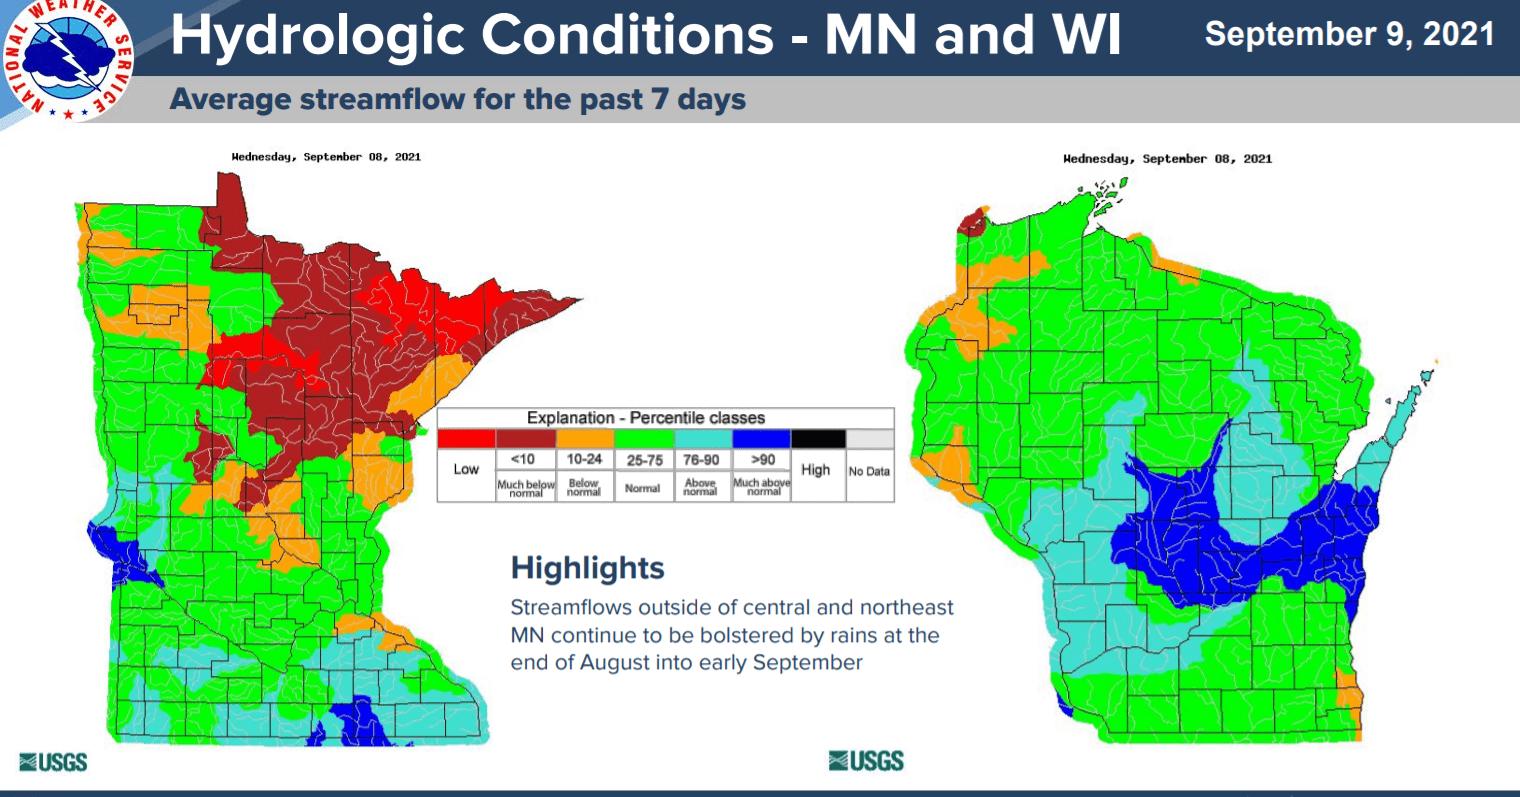 Streamflow across MInnesota and Wisconsin